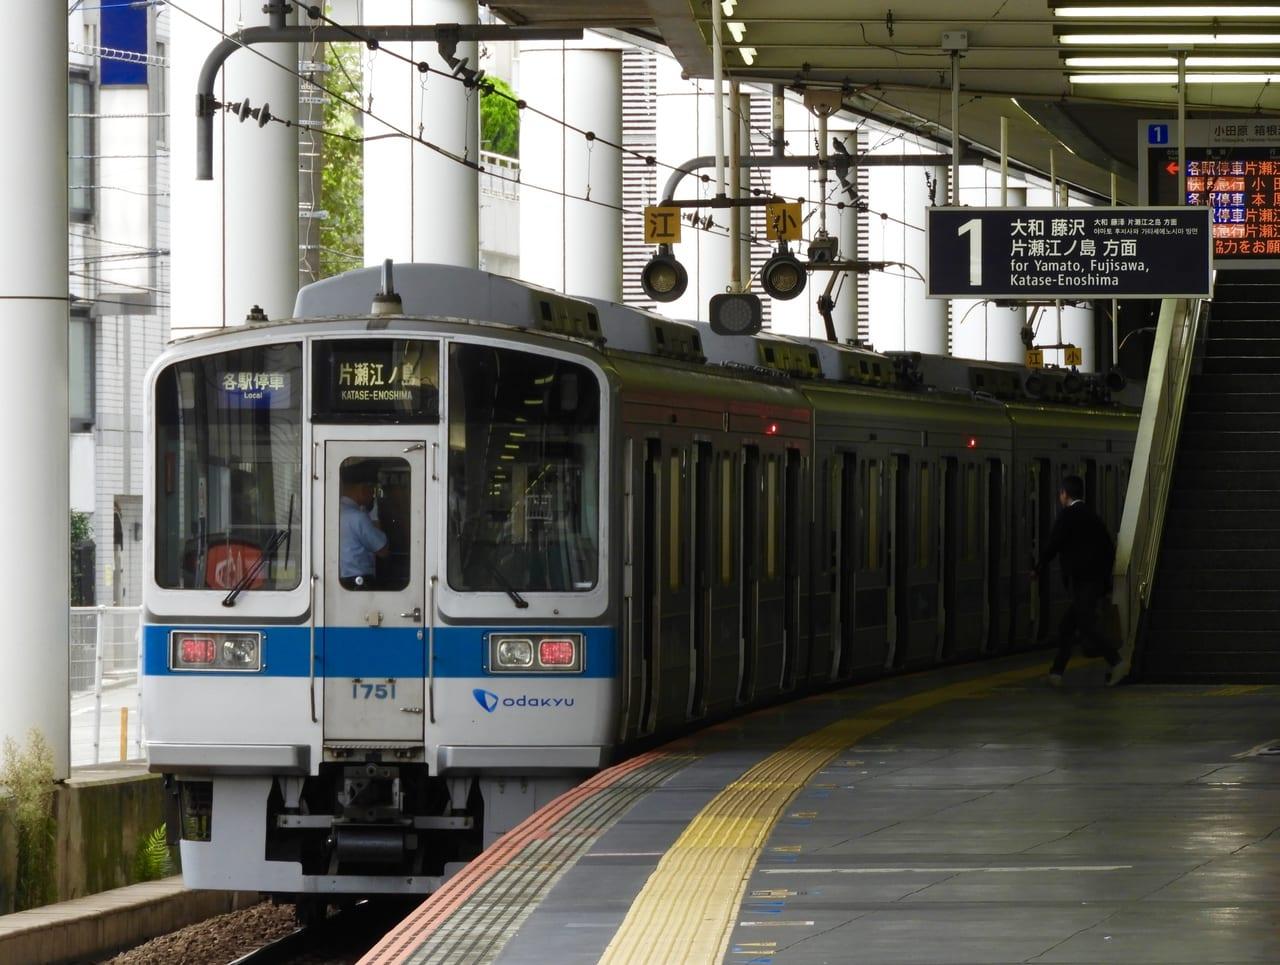 小田急江ノ島線踏切事故